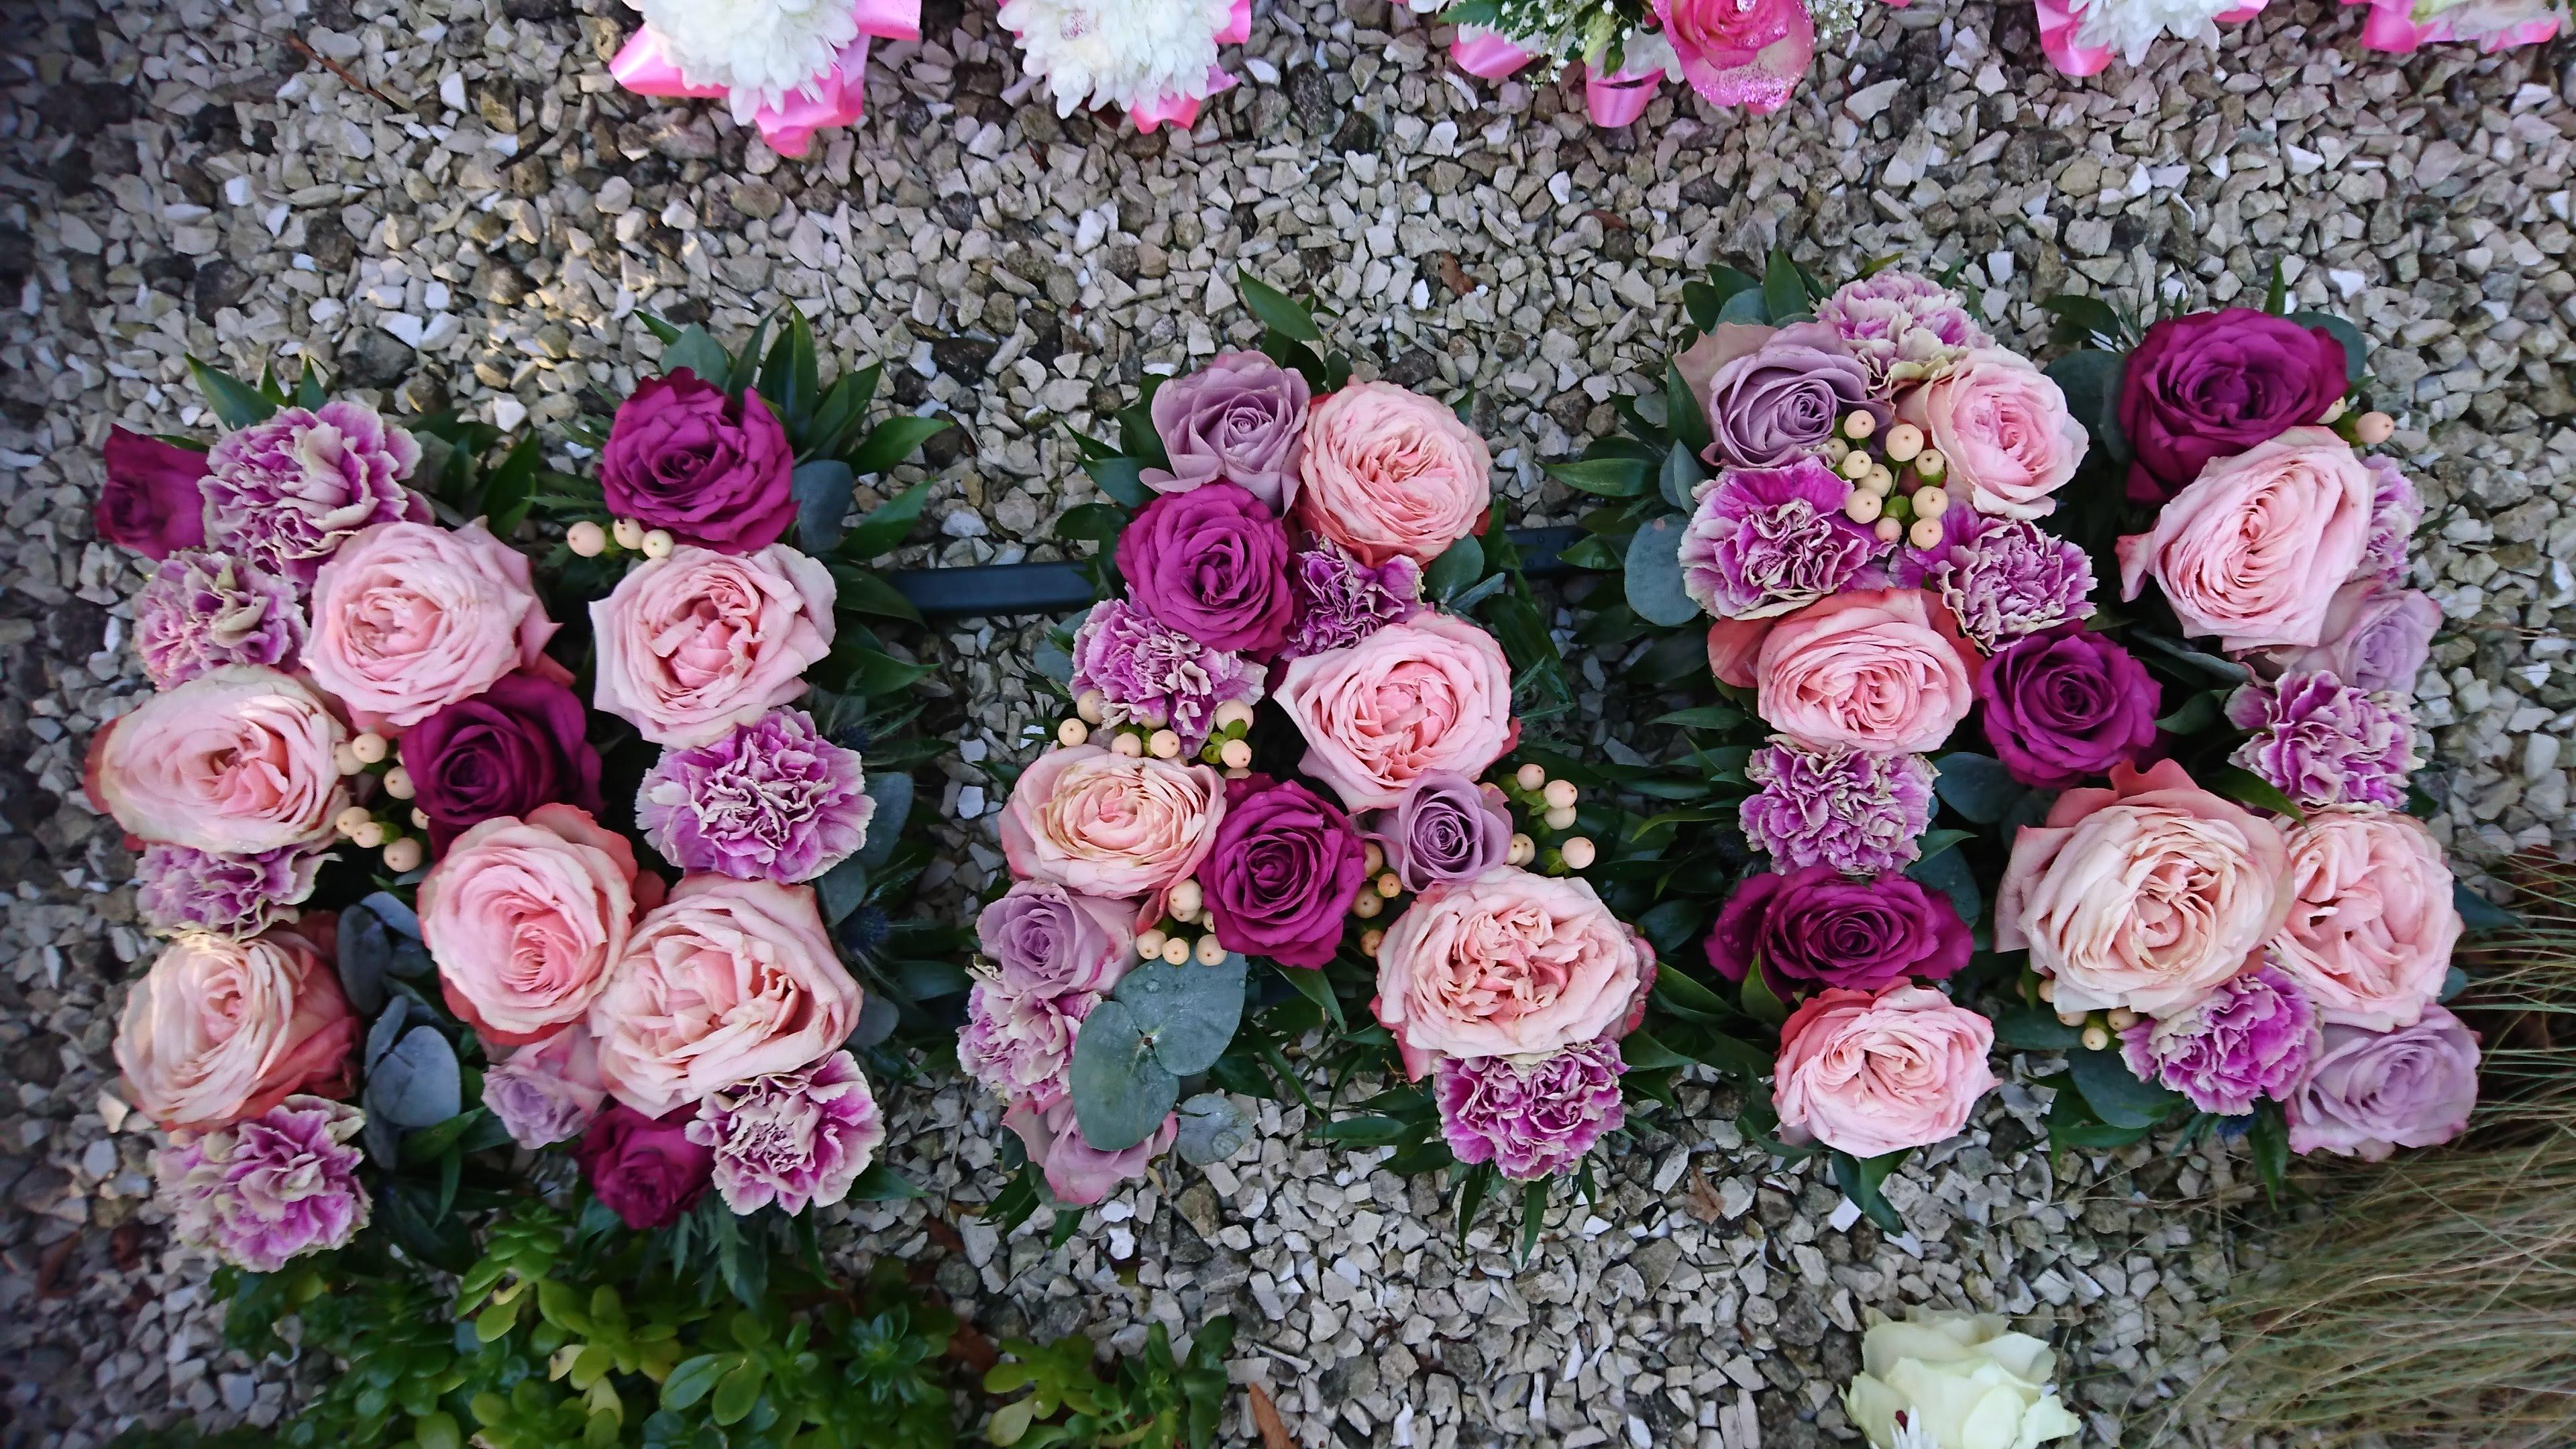 Nan floral tribute